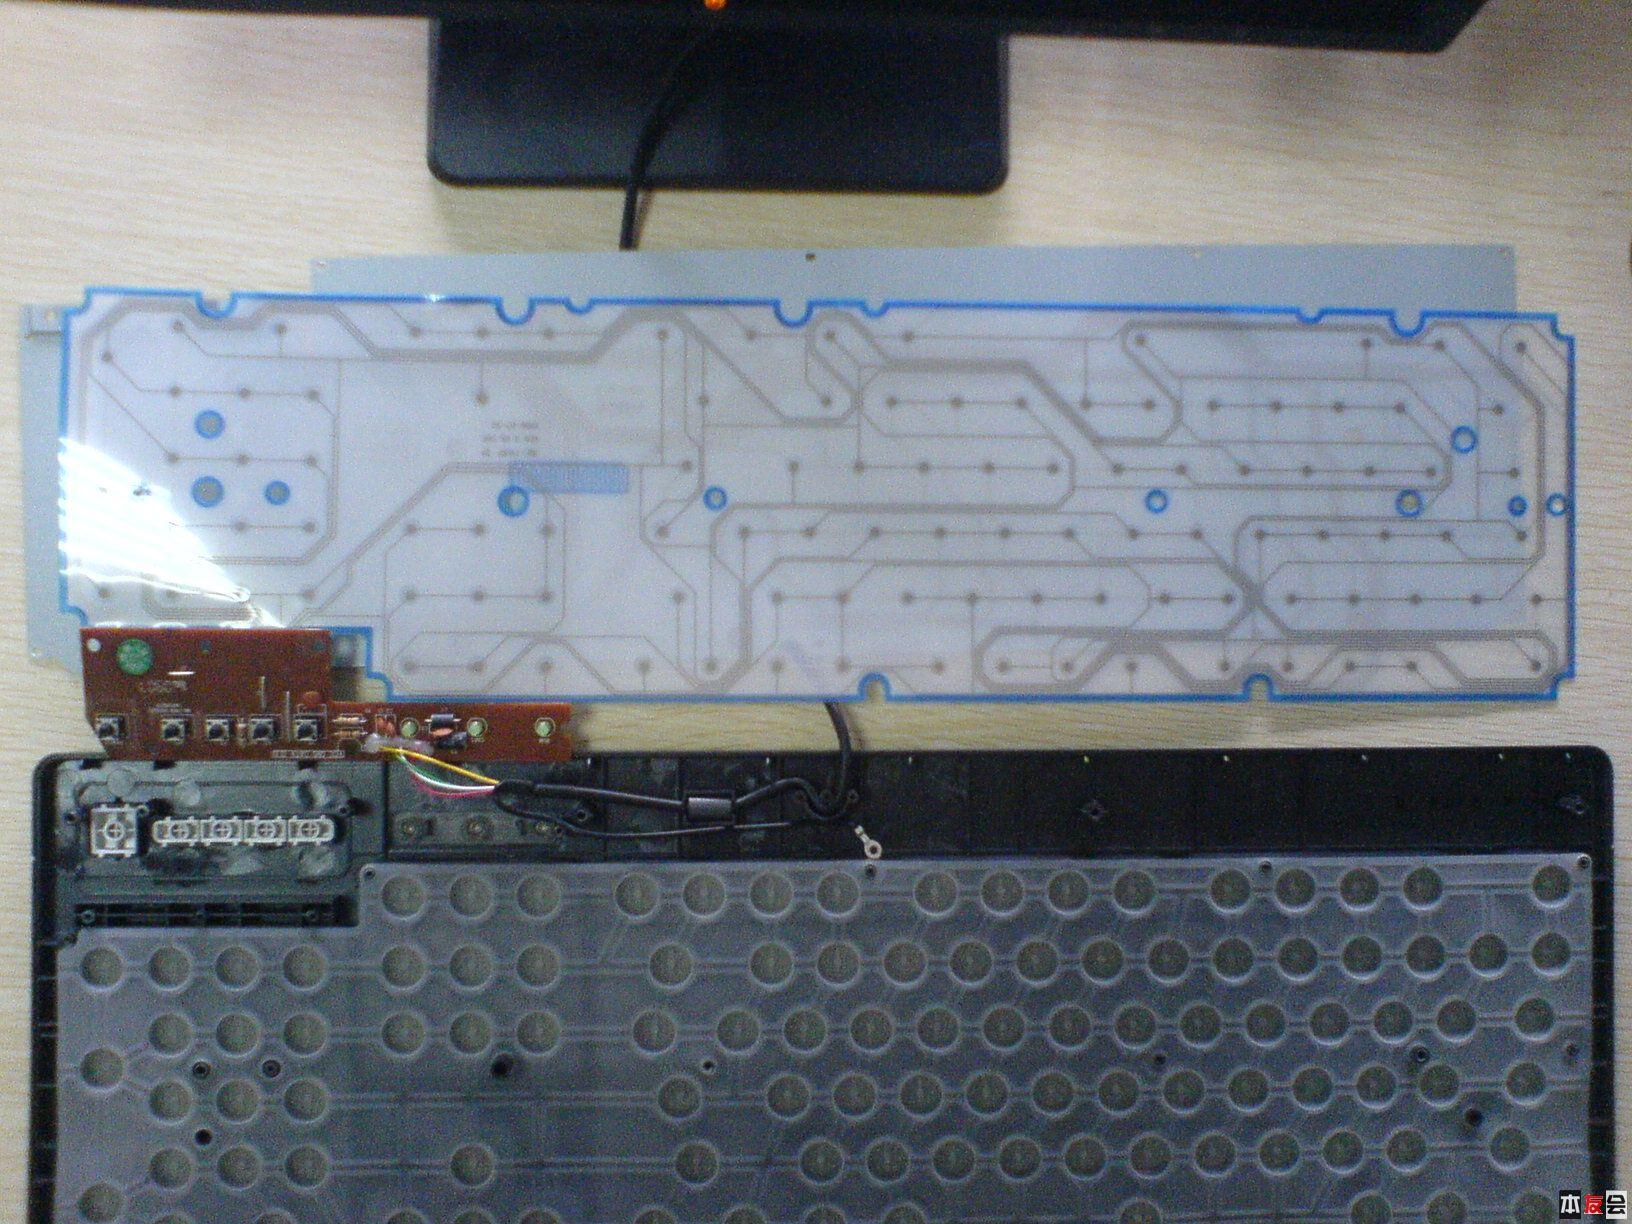 这是橡胶城和电路板的合影